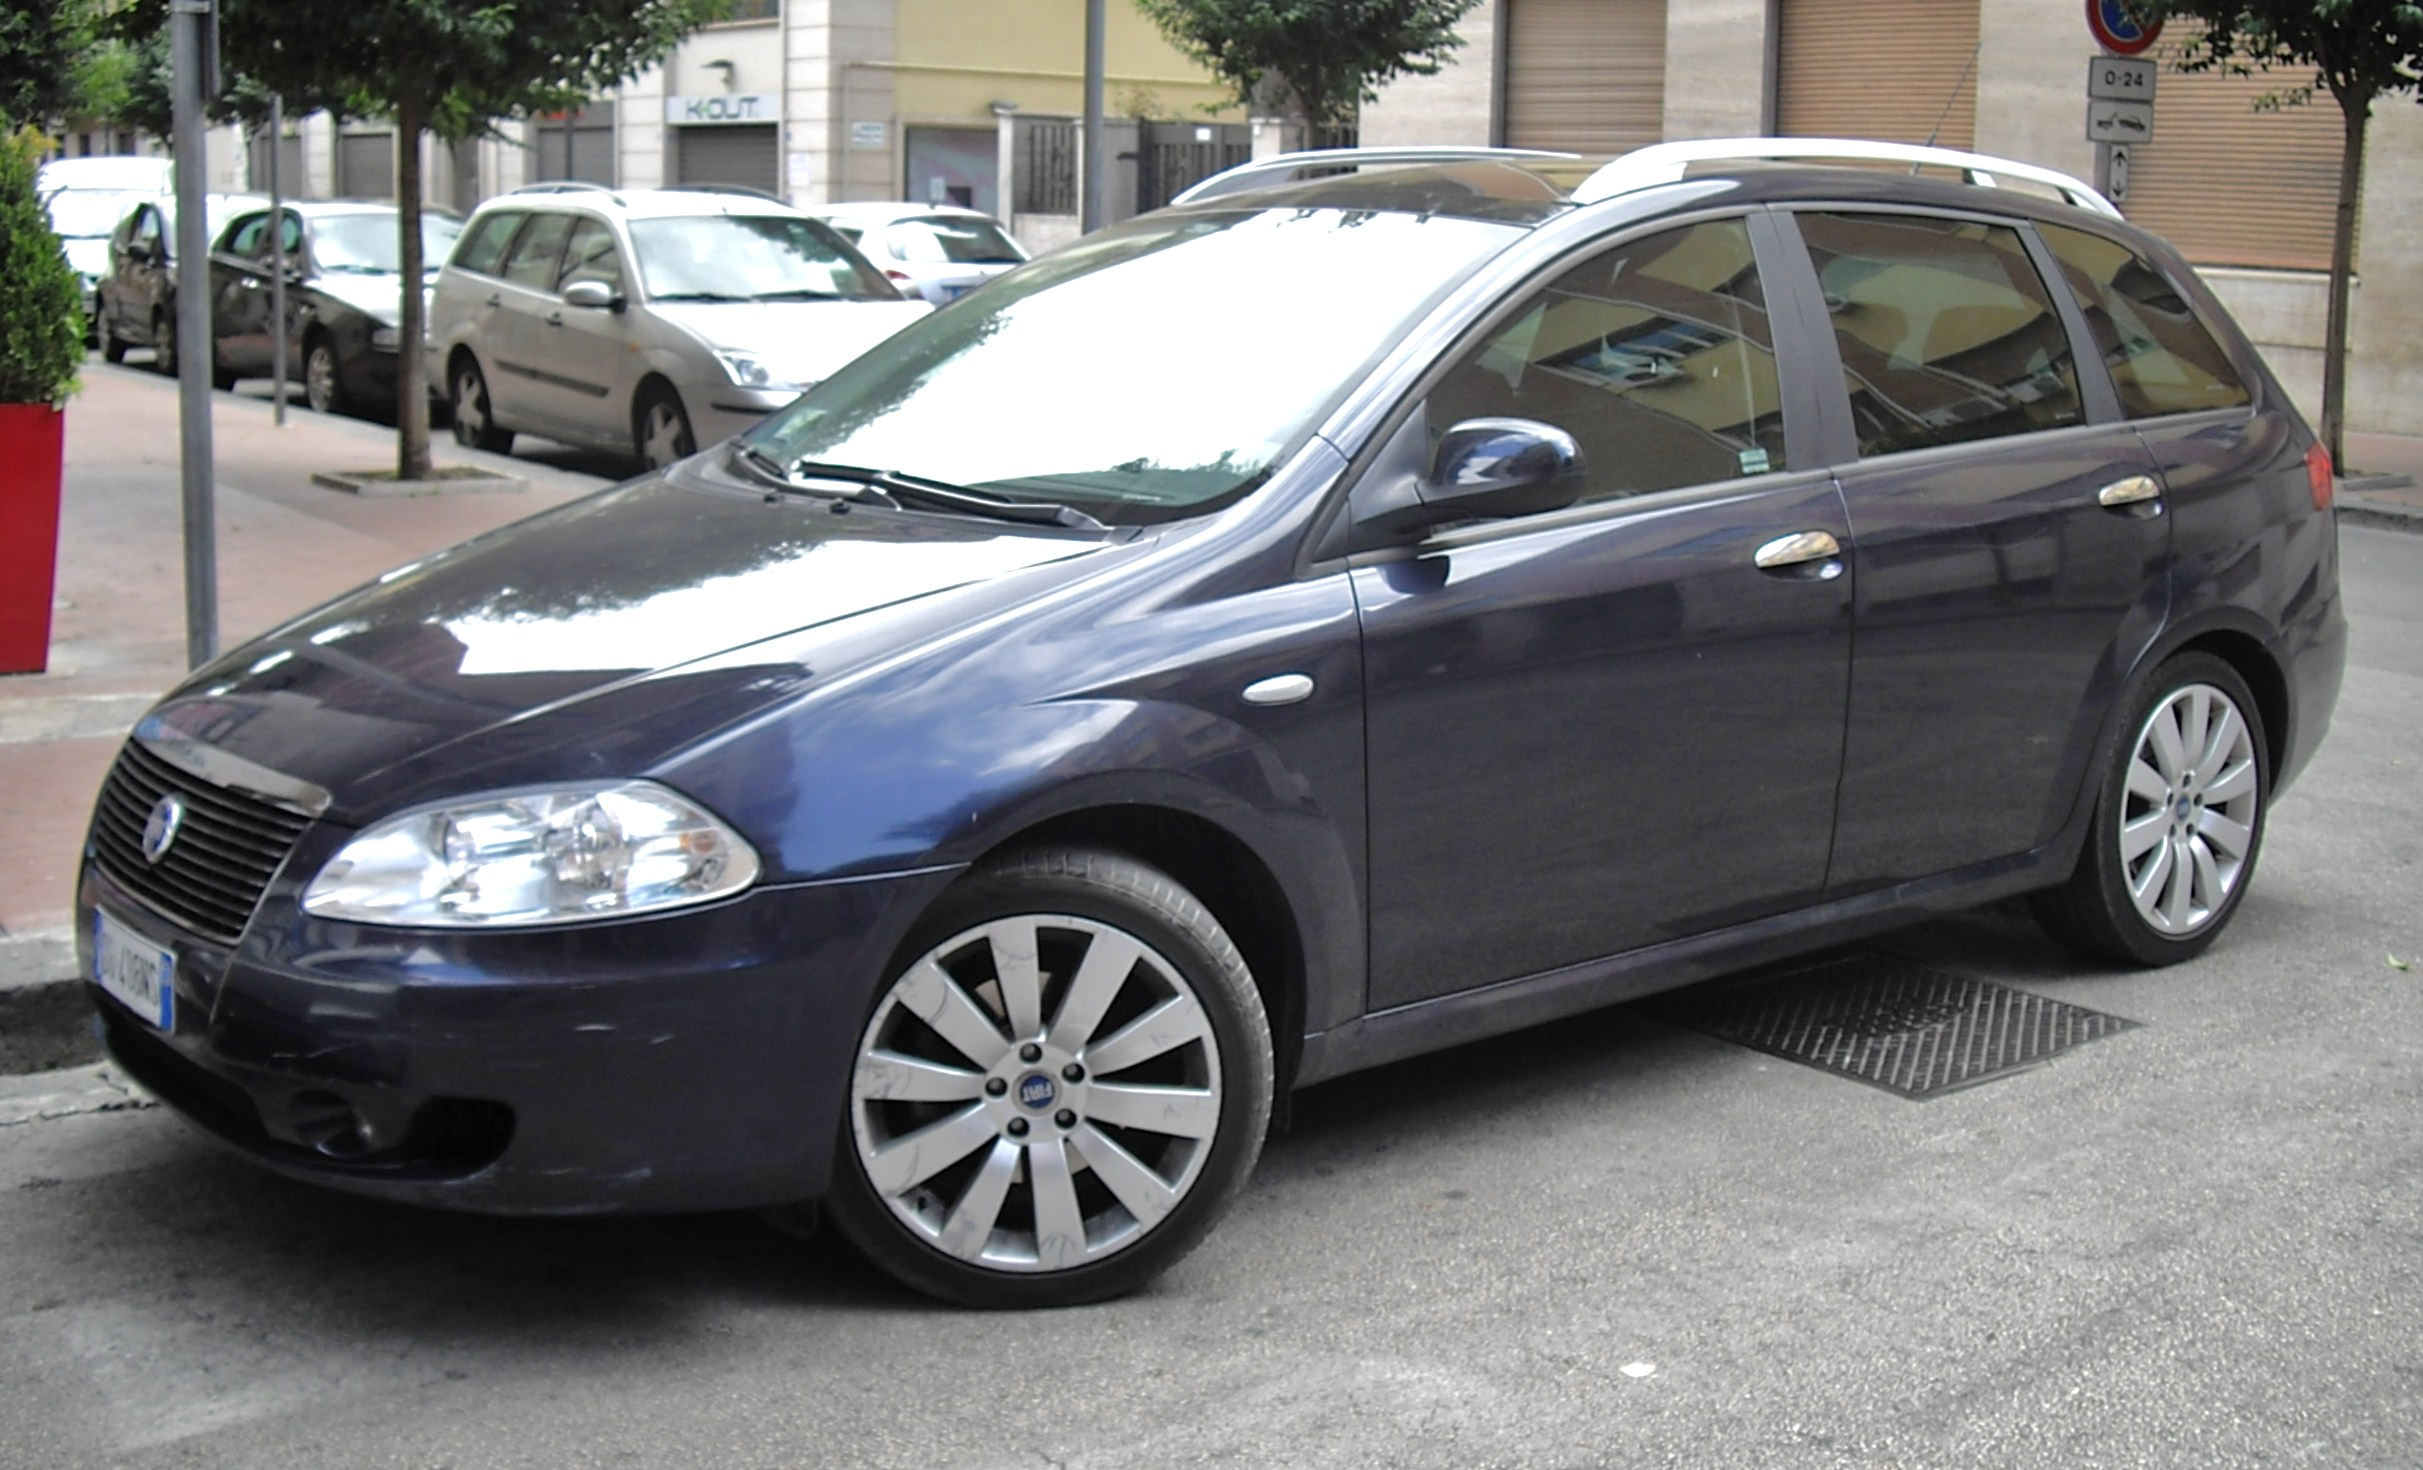 Fiat Croma 1.9 D MULTIJET 120KM/88kW 2006r. - wymiana ...